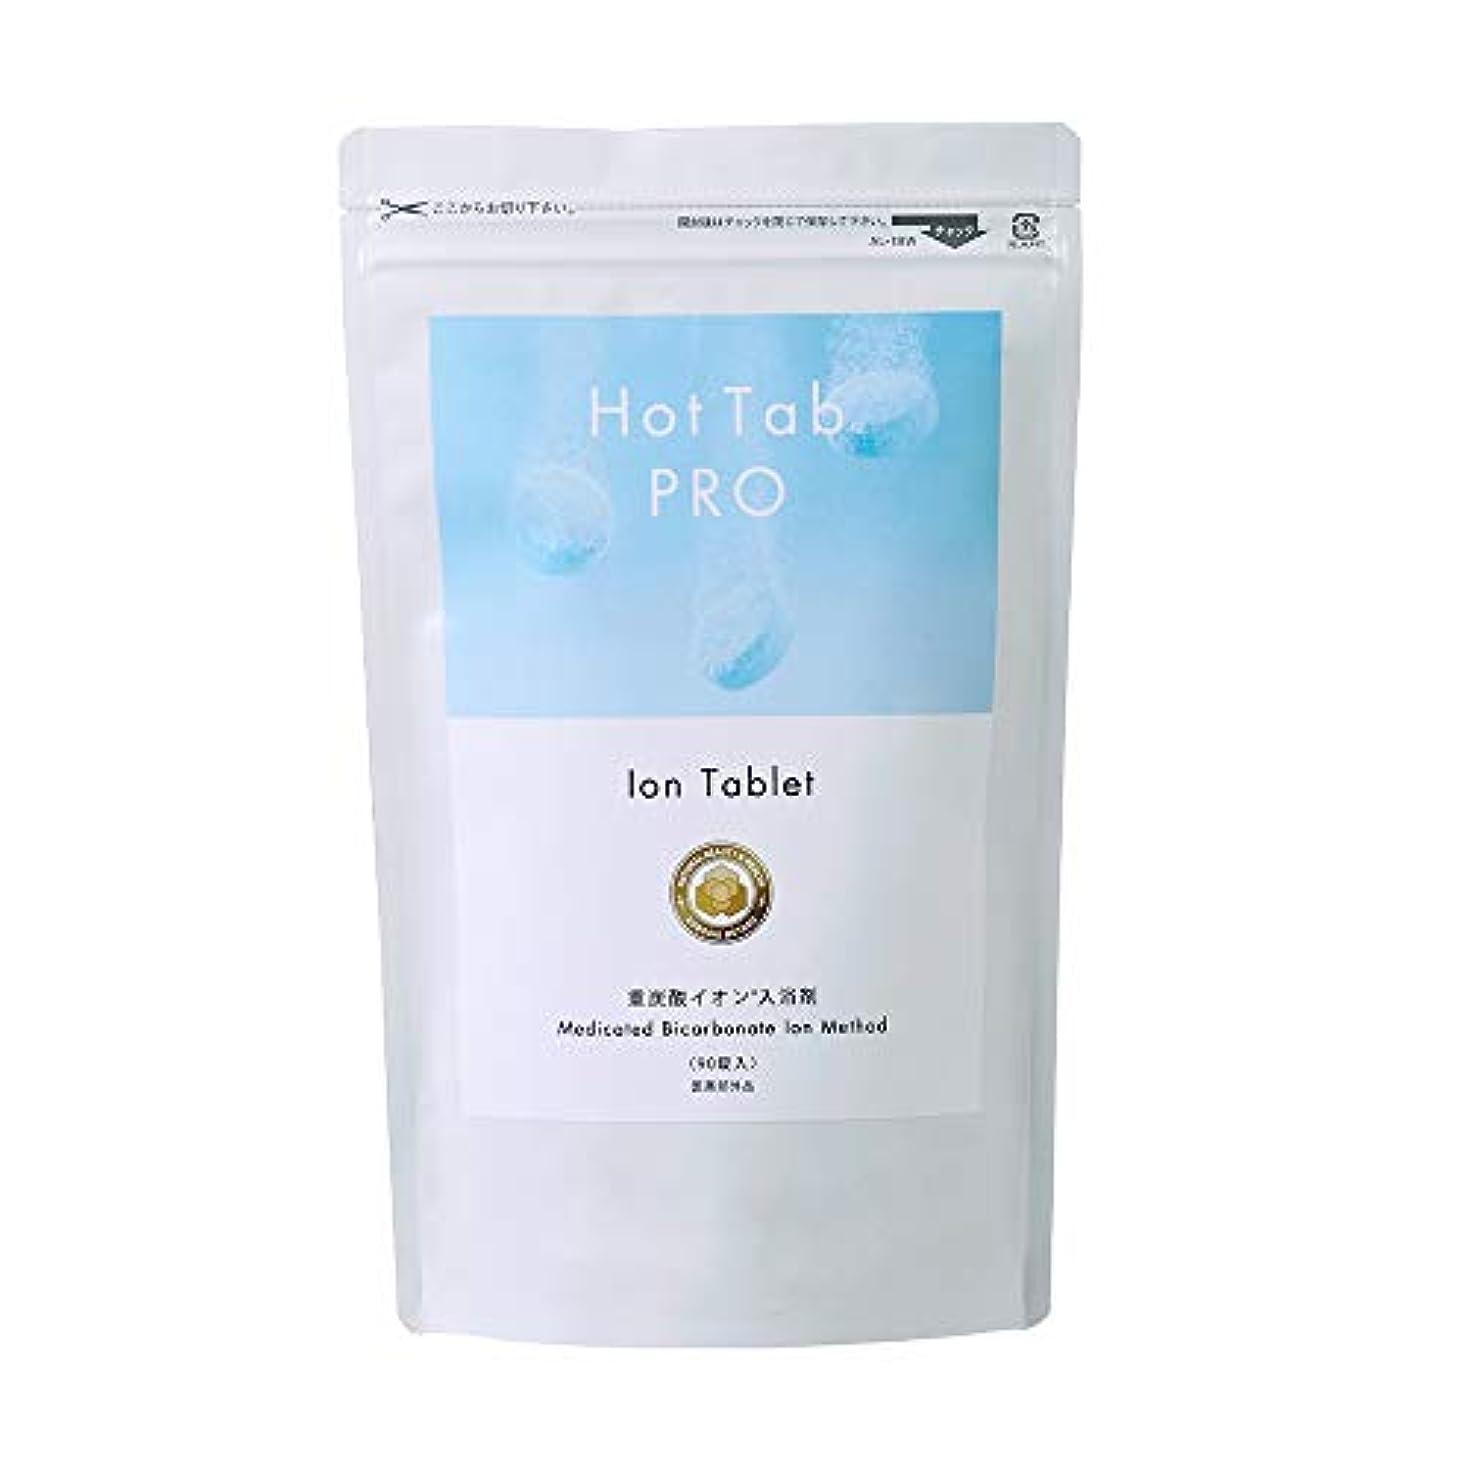 サイト予約謎めいた最新型 日本製なめらか重炭酸入浴剤「ホットタブPro」(デリケートな肌でも安心 無香料 無着色 中性pH) (お得な90錠セット)